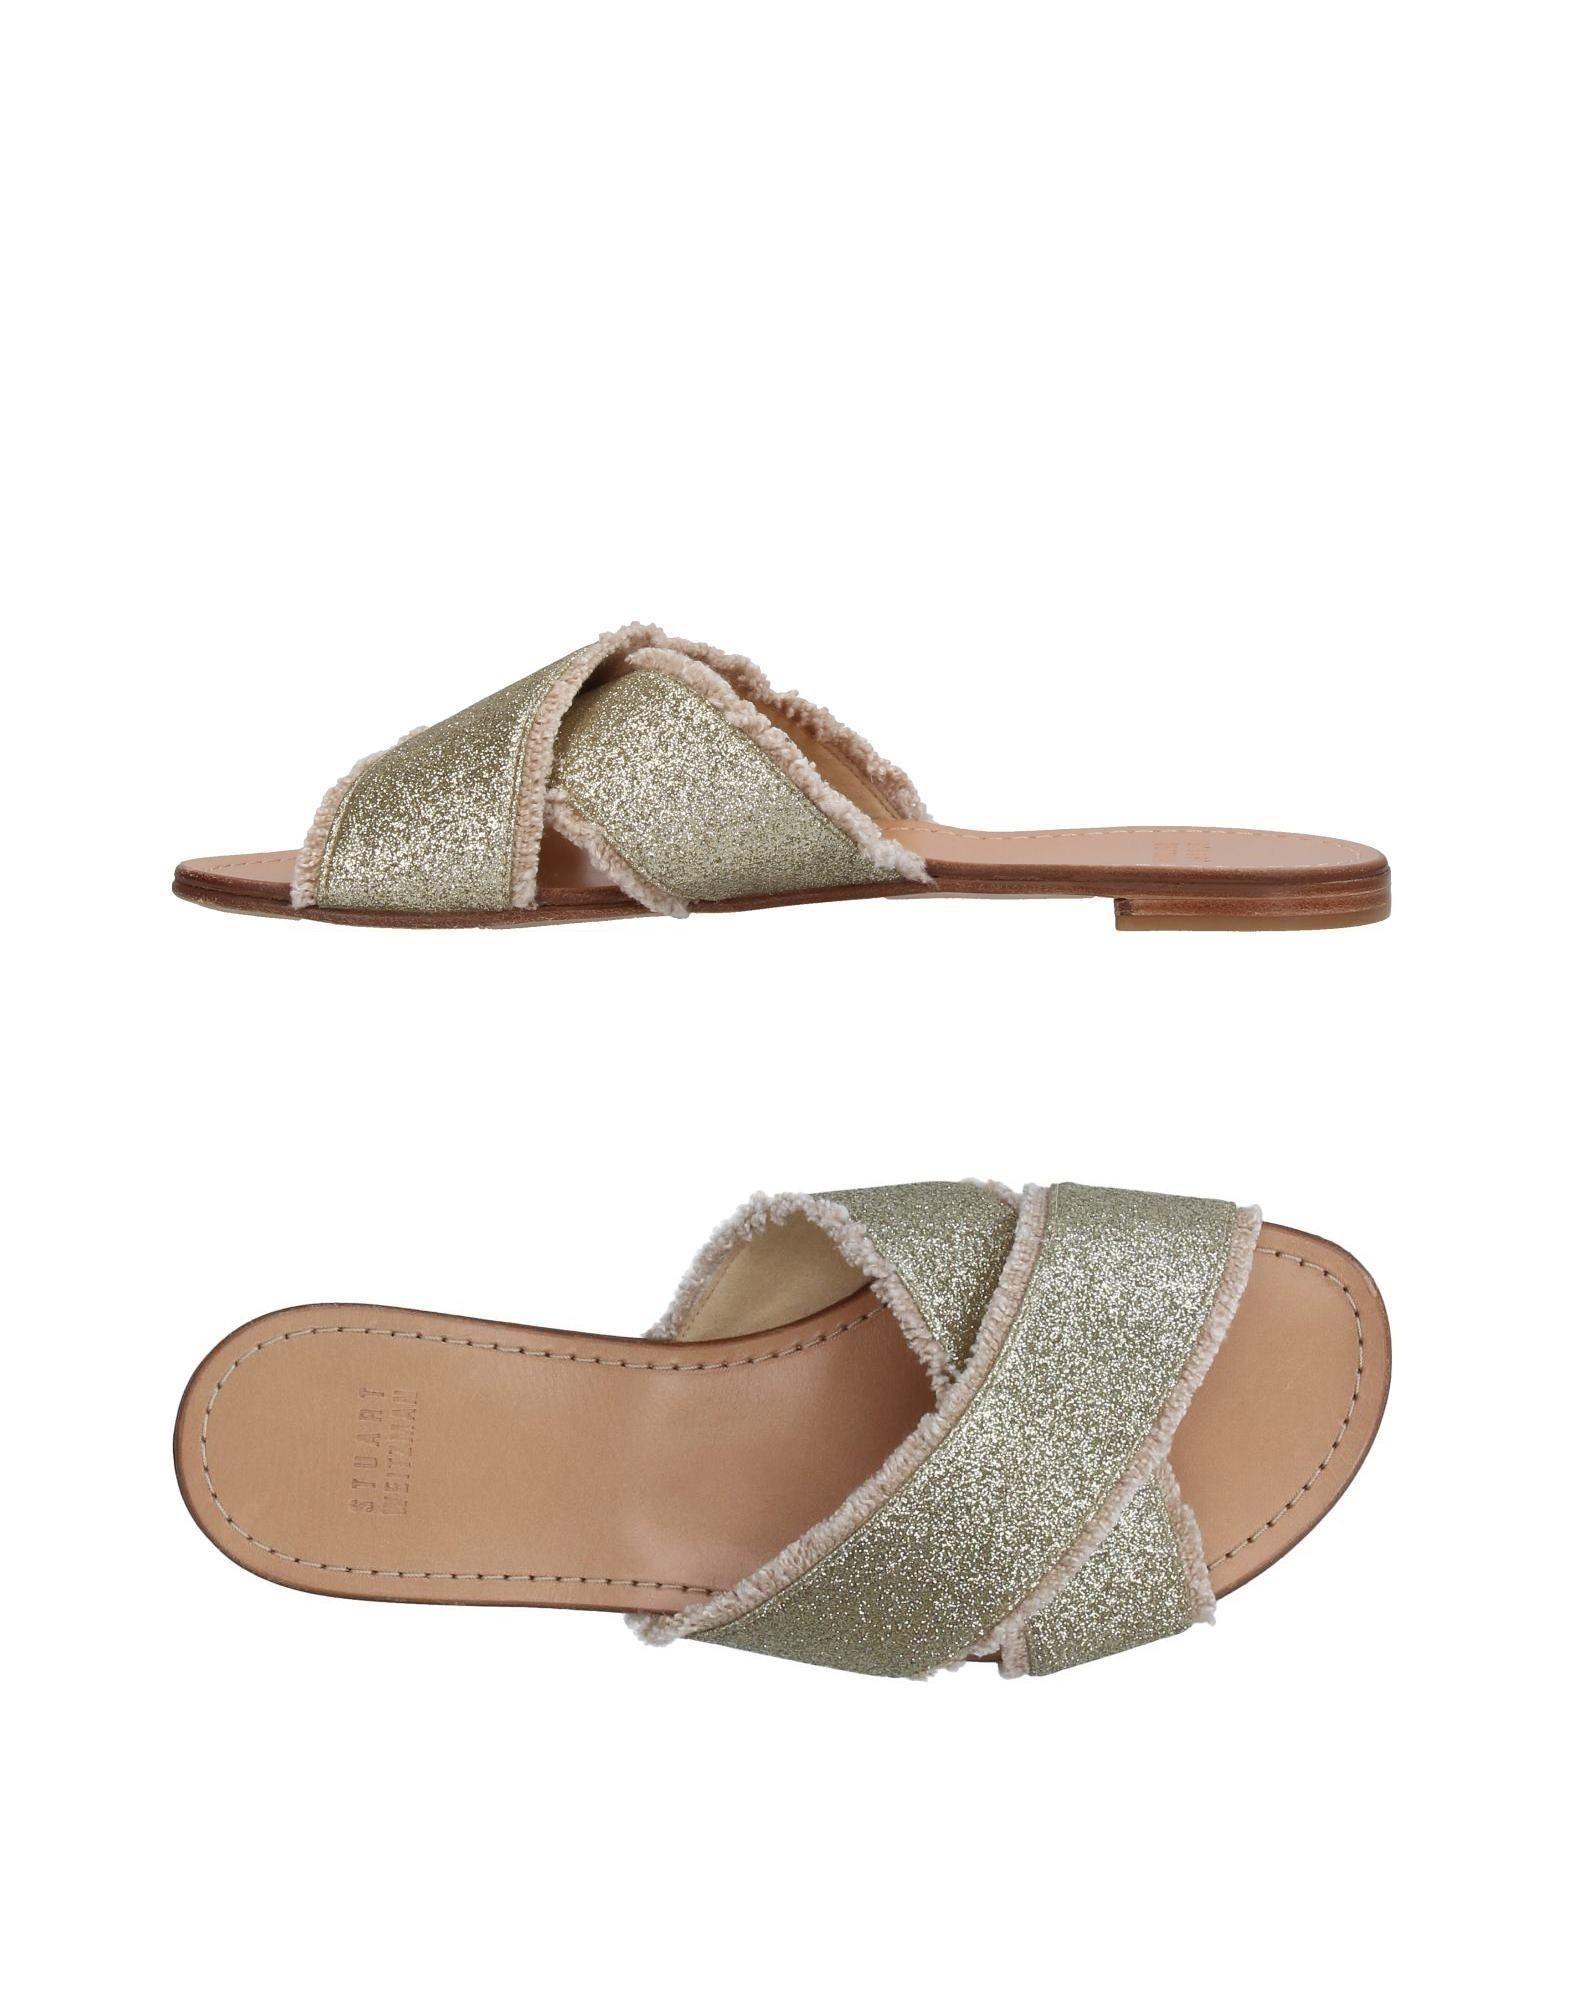 Stuart Weitzman Sandalen Damen  11365662XJGut aussehende strapazierfähige Schuhe